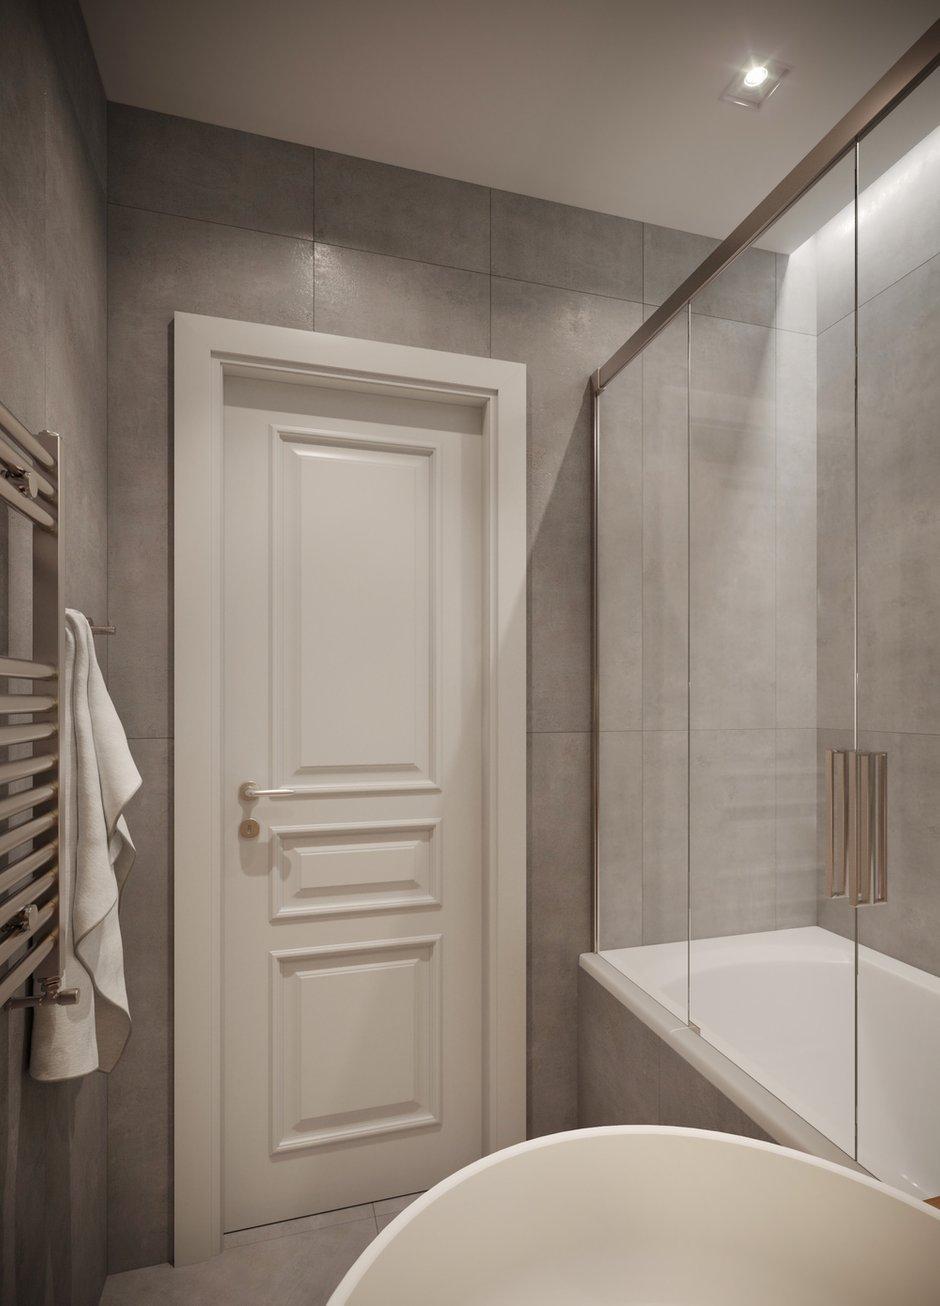 Фотография: Ванная в стиле Современный, Квартира, Проект недели, Санкт-Петербург, 3 комнаты, 60-90 метров, Yucubedesign, Юлия Бабинцева – фото на INMYROOM